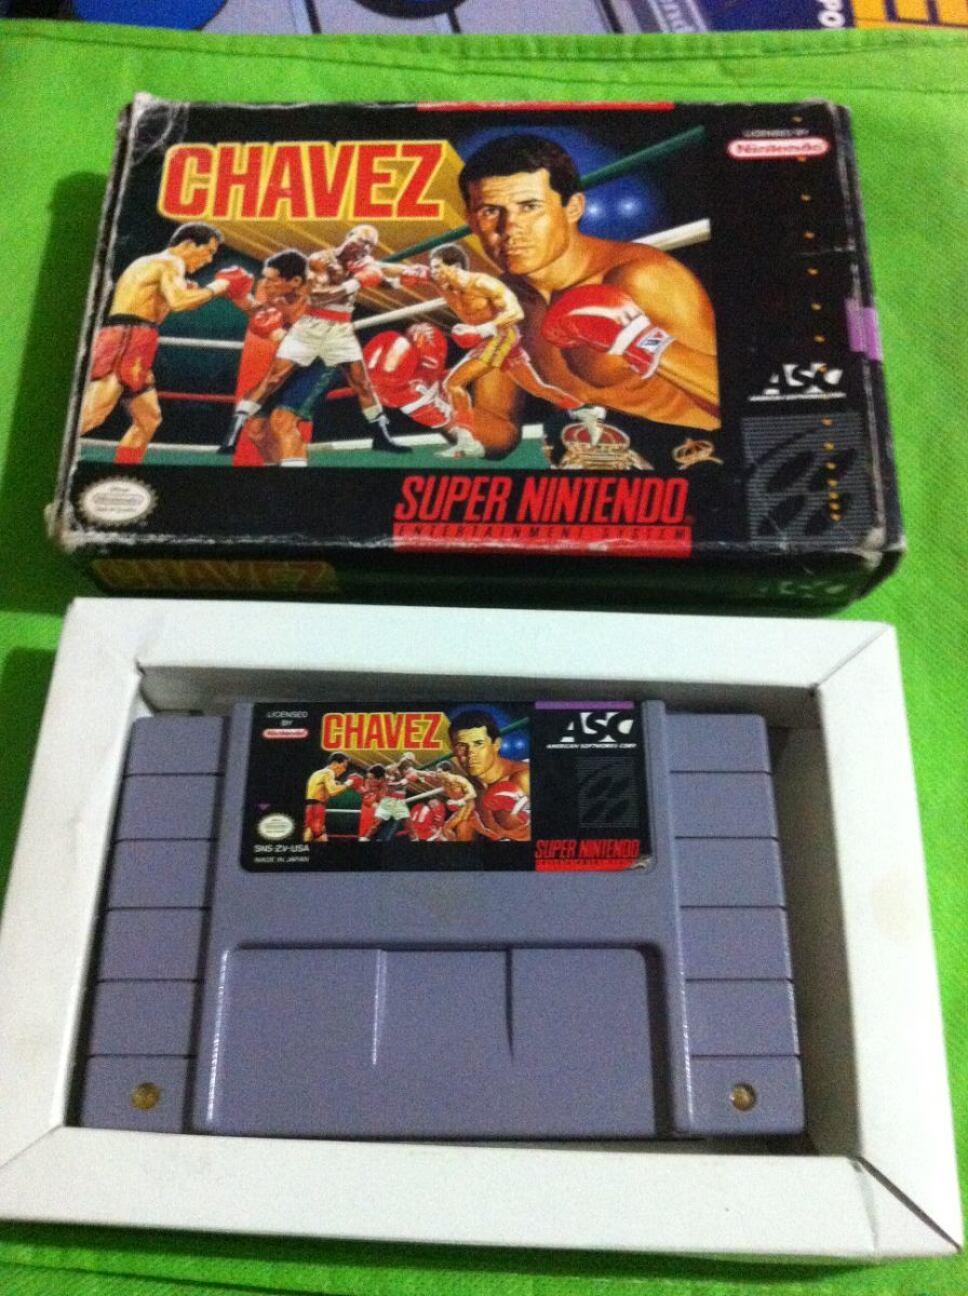 Cartucho del videojuego 'Chavez'